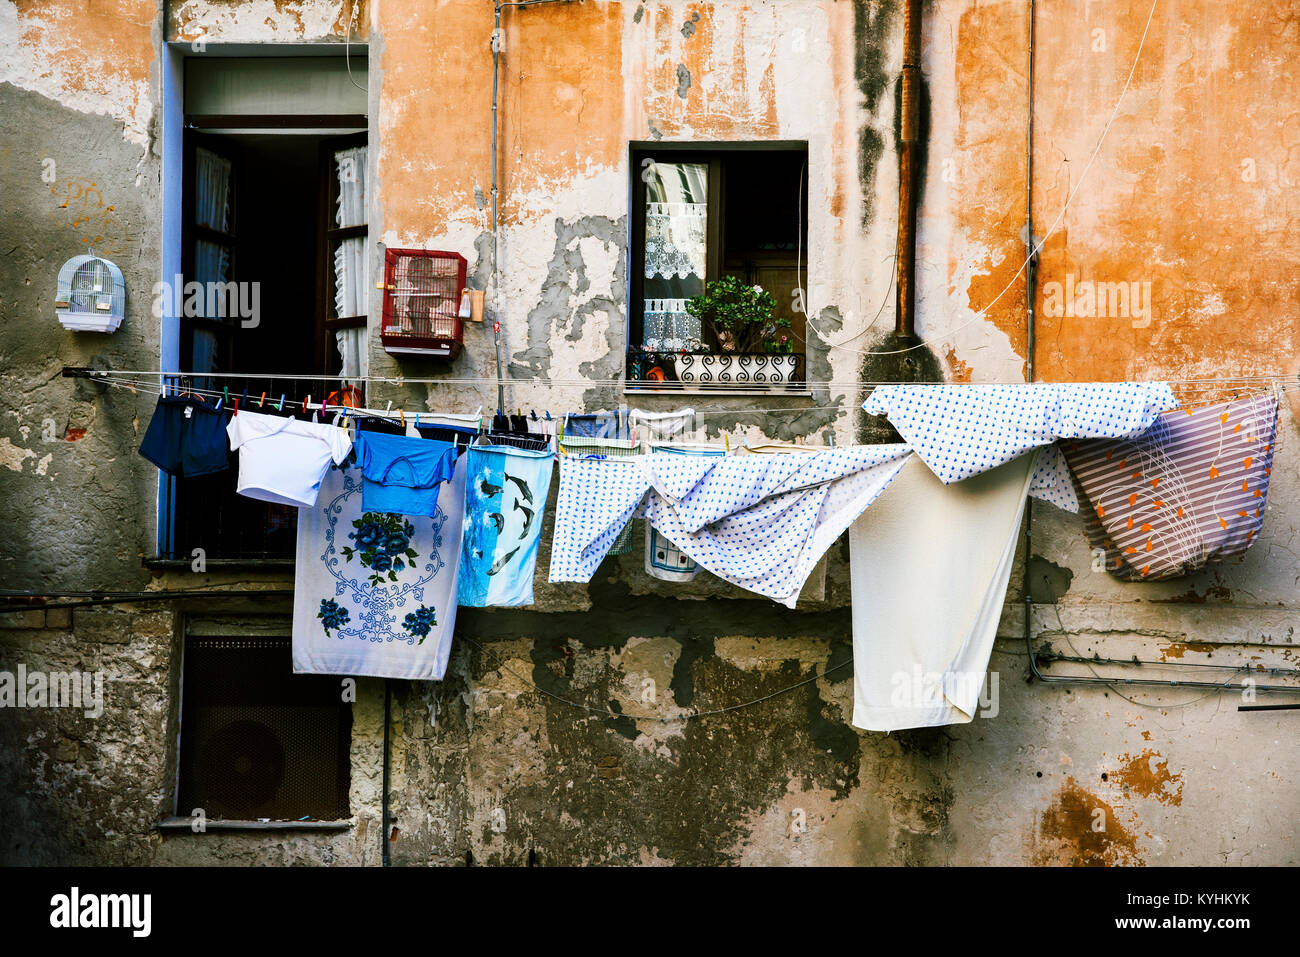 Kleidung in einigen Wäscheleine im Freien in einem alten Gebäude hängen, in der Altstadt von Cagliari, Stockbild